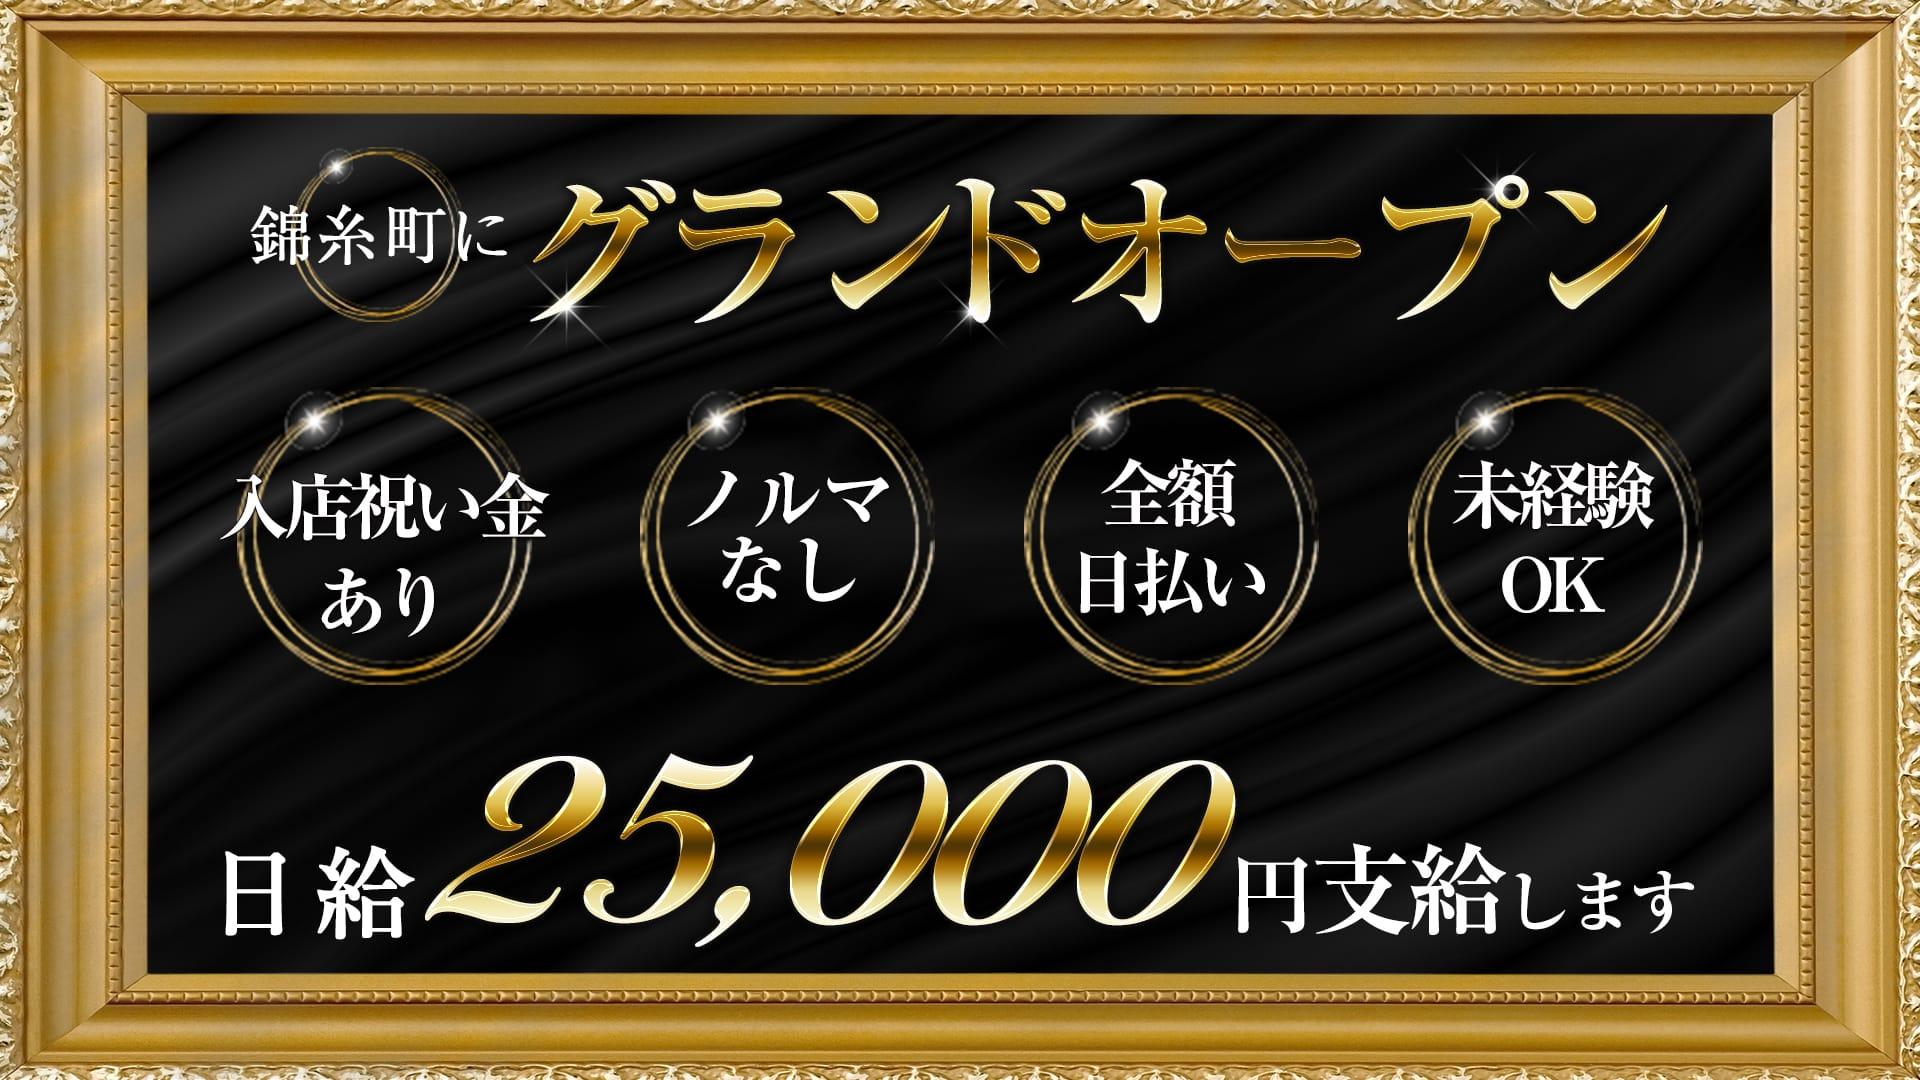 【錦糸町】ONECHAN(ワンチャン) 錦糸町ガールズバー TOP画像